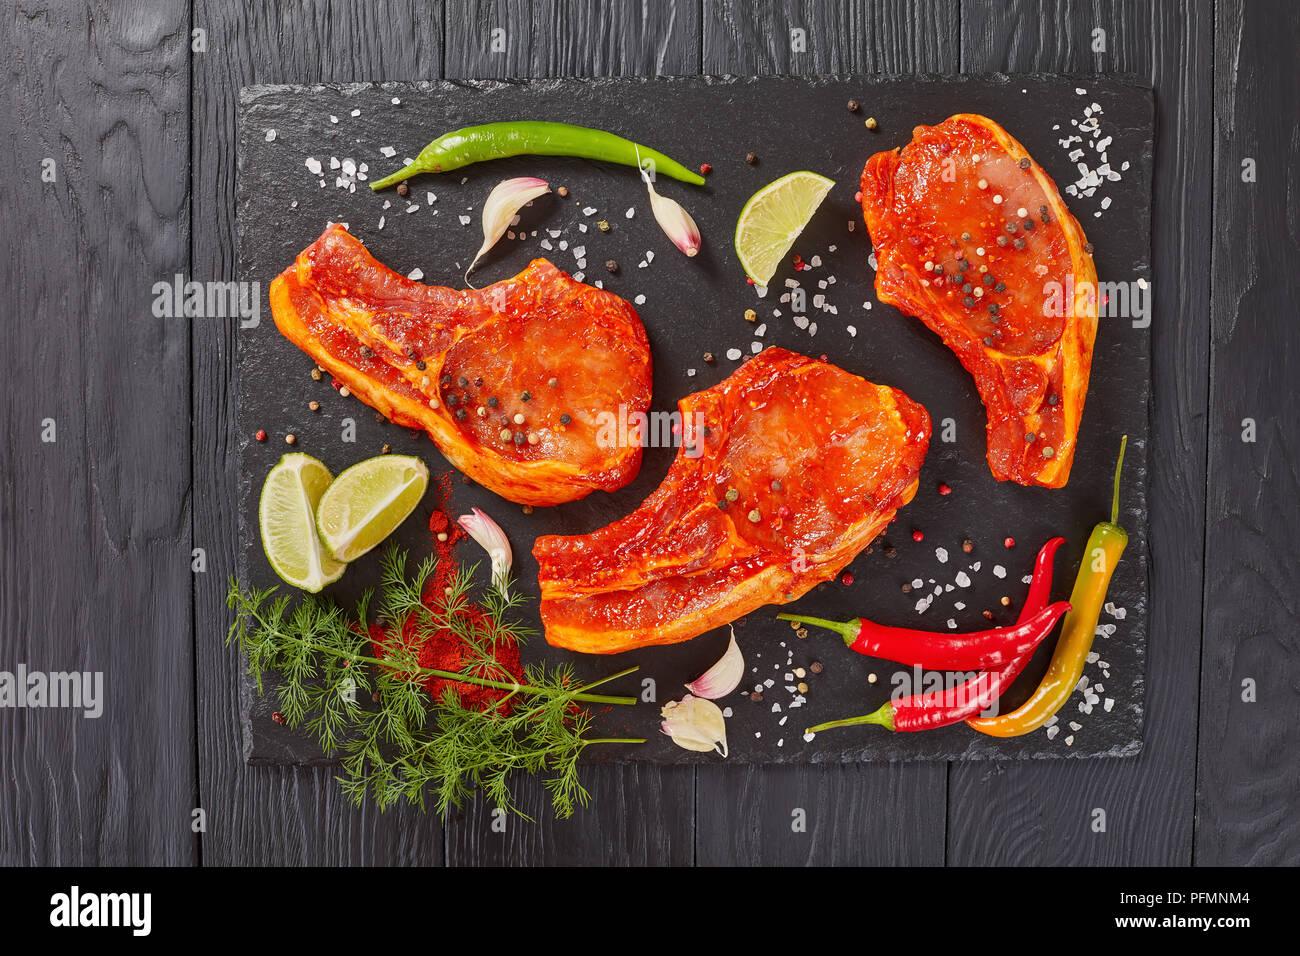 Côtelettes de porc cru mariné aux épices et sauce sriracha rouge sur noir ardoise plateau avec piment, sel, épices et des tranches de lime, vue de dessus, télévision Photo Stock